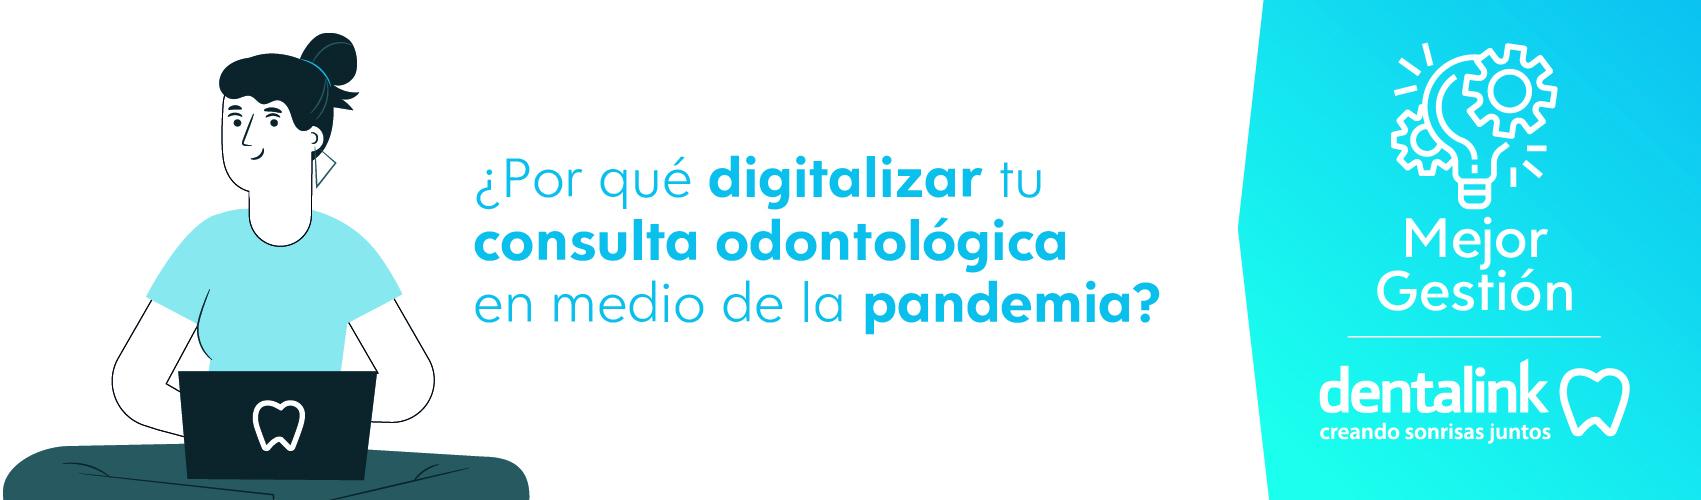 ¿Por qué digitalizar tu consulta odontológica en medio de la pandemia?